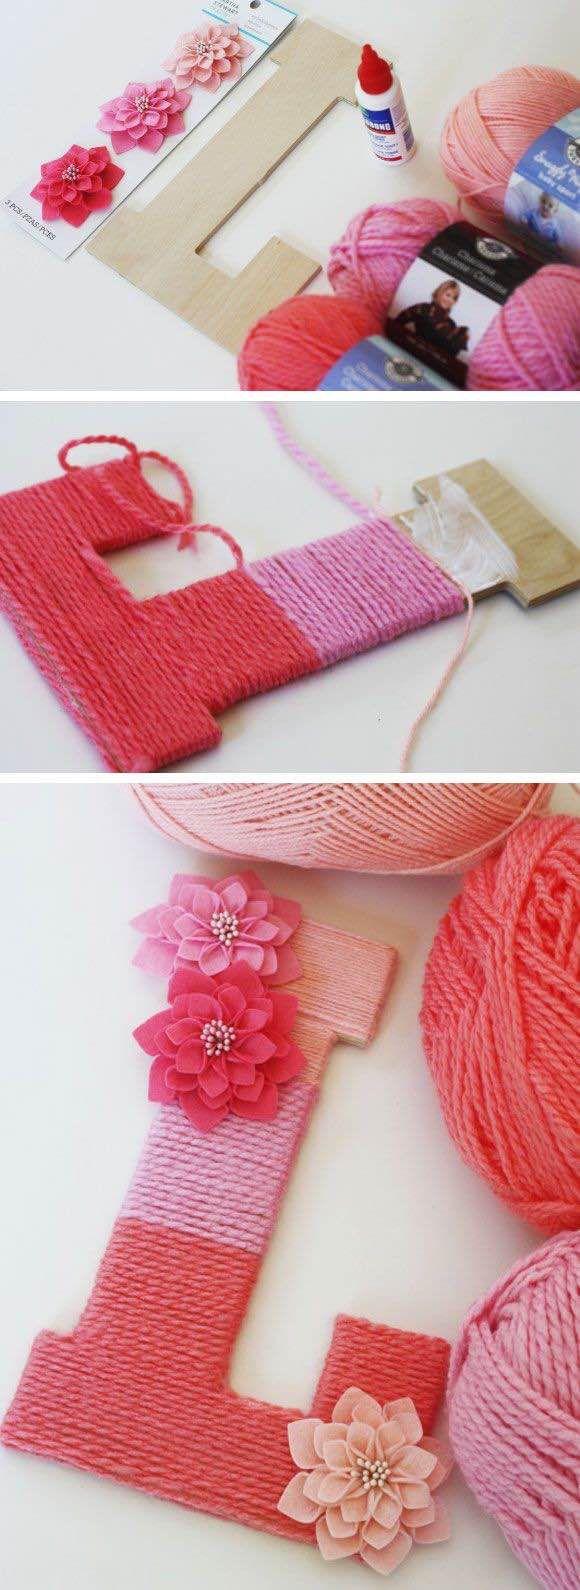 Envuelve una letra de madera en lana para hacer este adorable DIY en ombré.